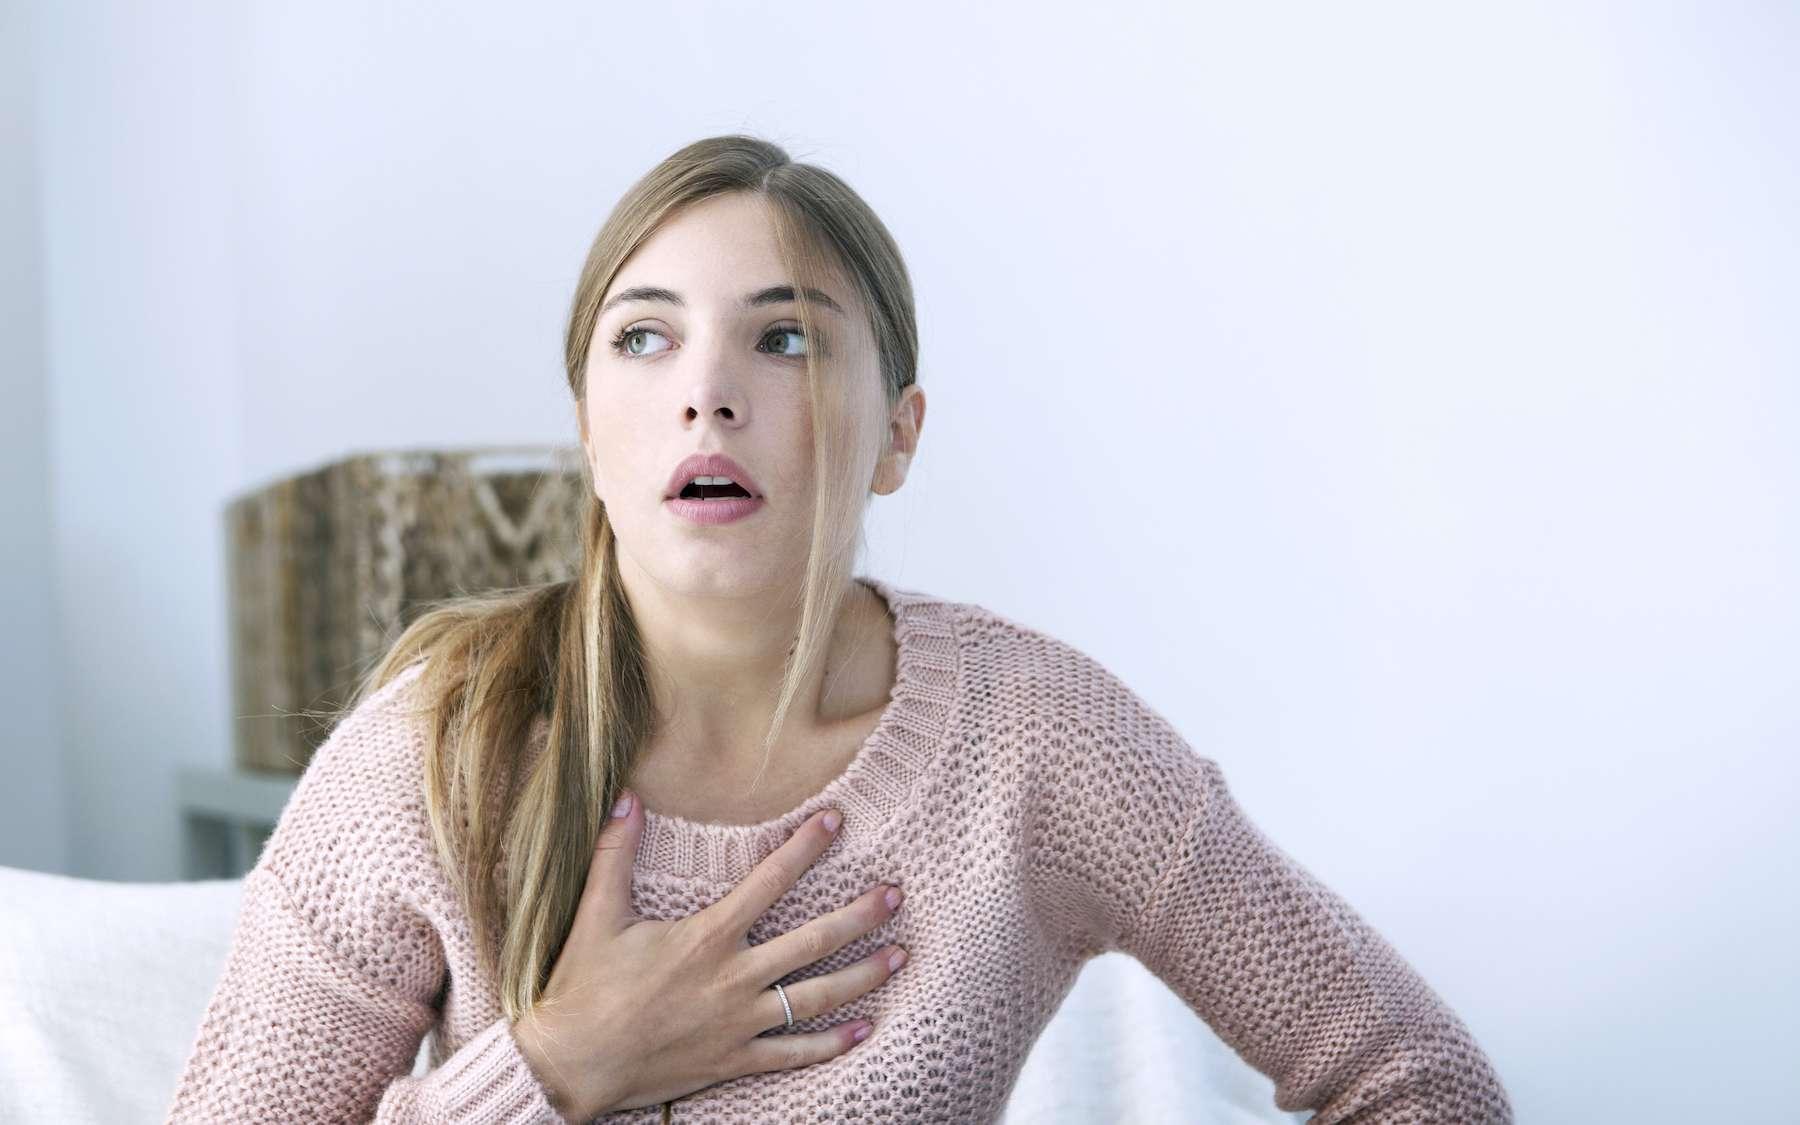 L'insuffisance respiratoire se traduit par une dyspnée et une cyanose. © RFBSIP, Adobe Stock